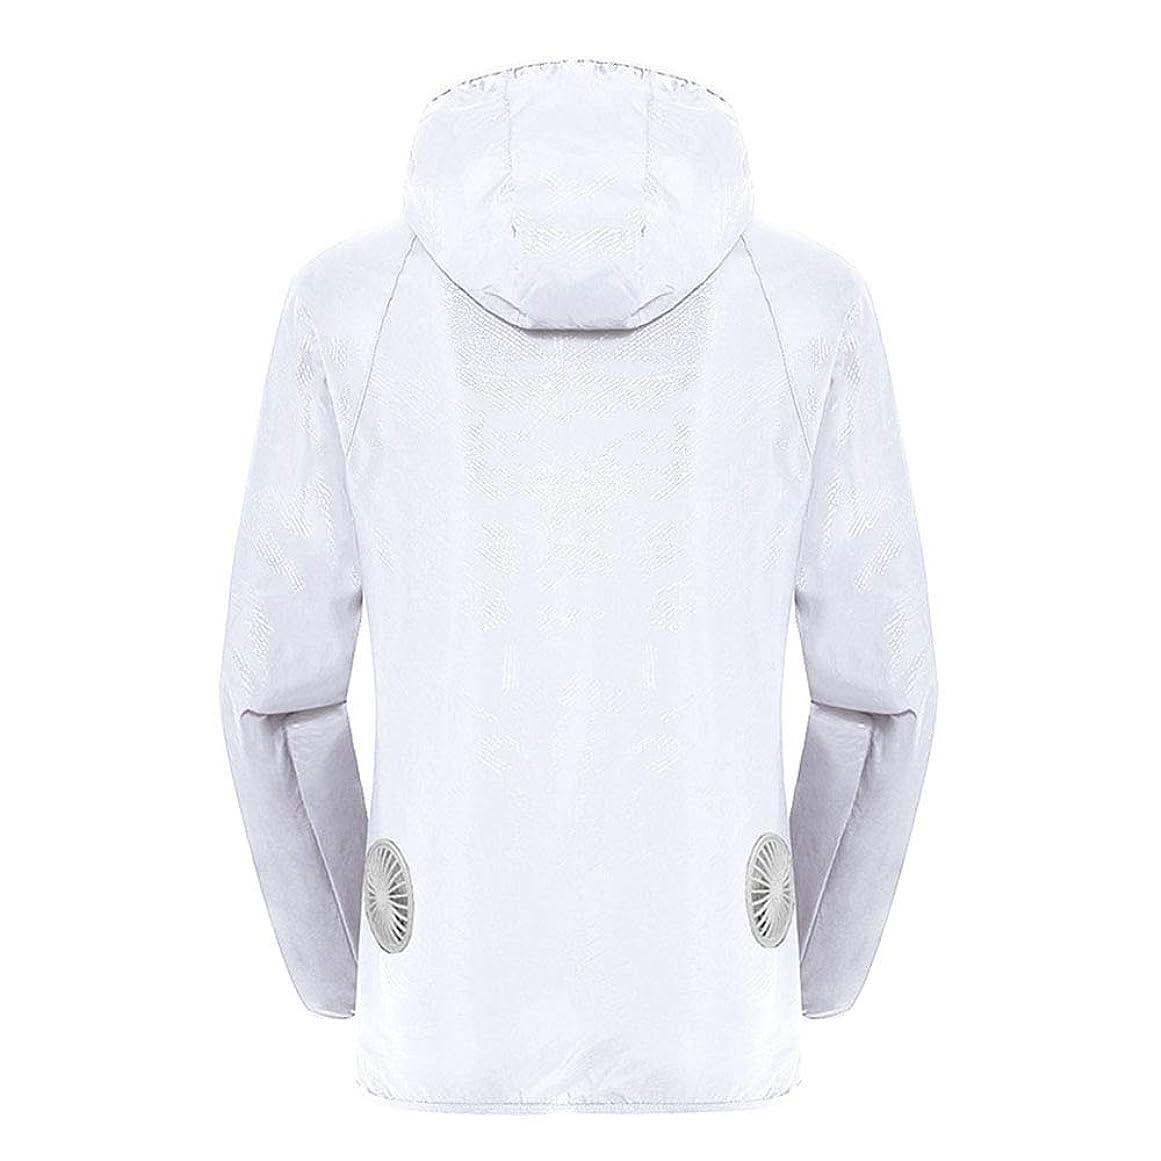 高揚したユニークな分解する夏のスマート3ギアエアコンジャケット日焼け防止服釣りスーツ水しぶき防止服をクールダウン(宝物なしで充電),White,L